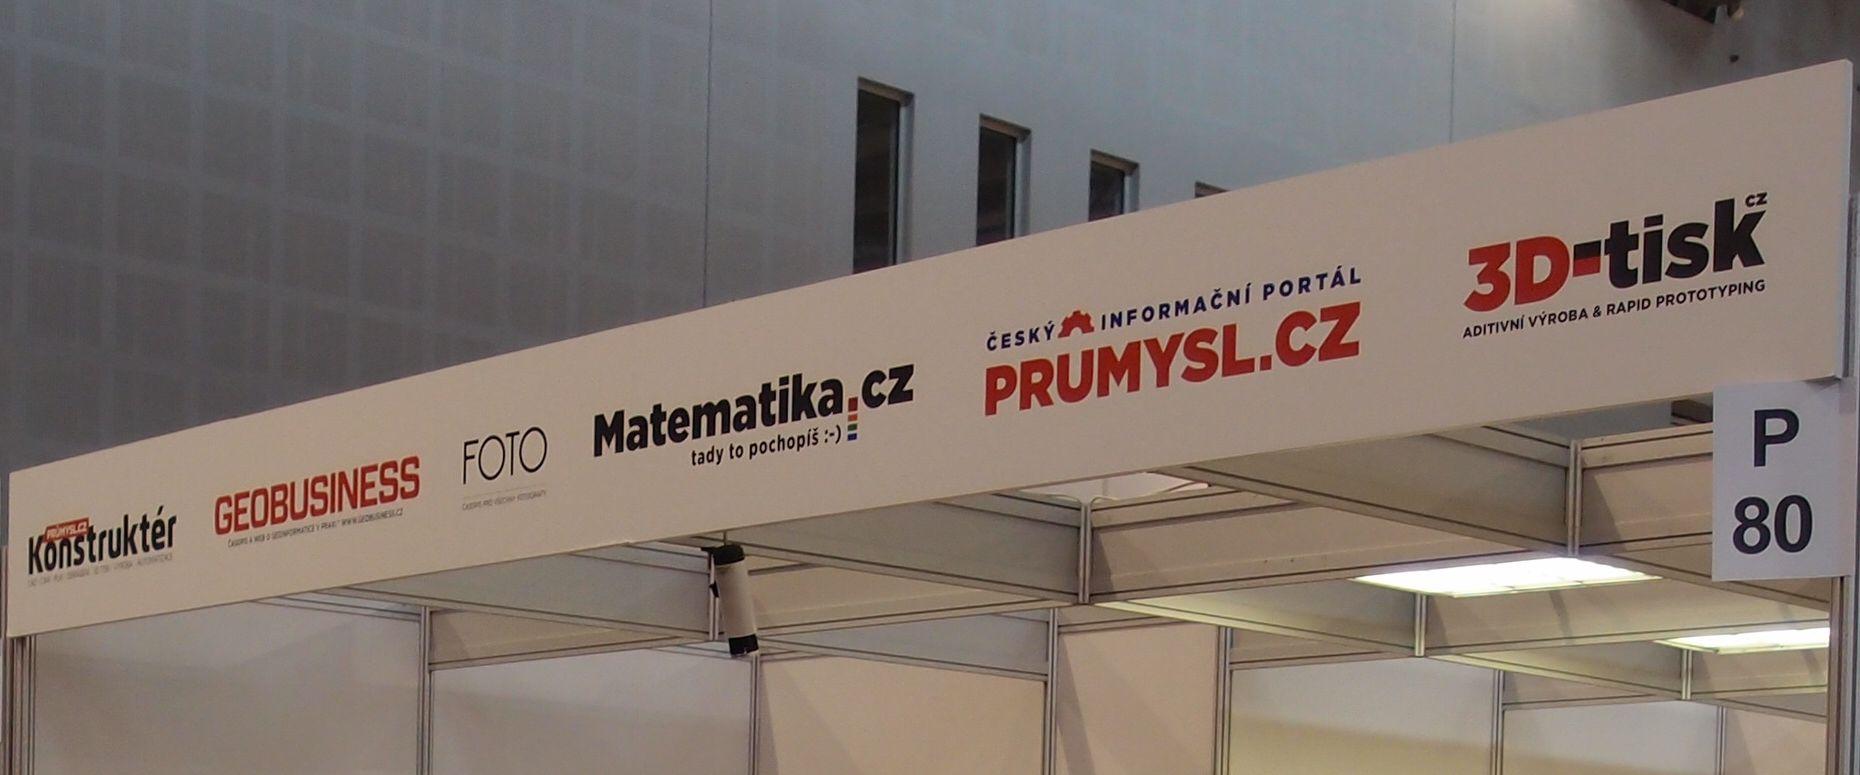 Děkujeme všem, kdo nás přišli navštívit na Mezinárodním strojírenském veletrhu 2013 v Brně